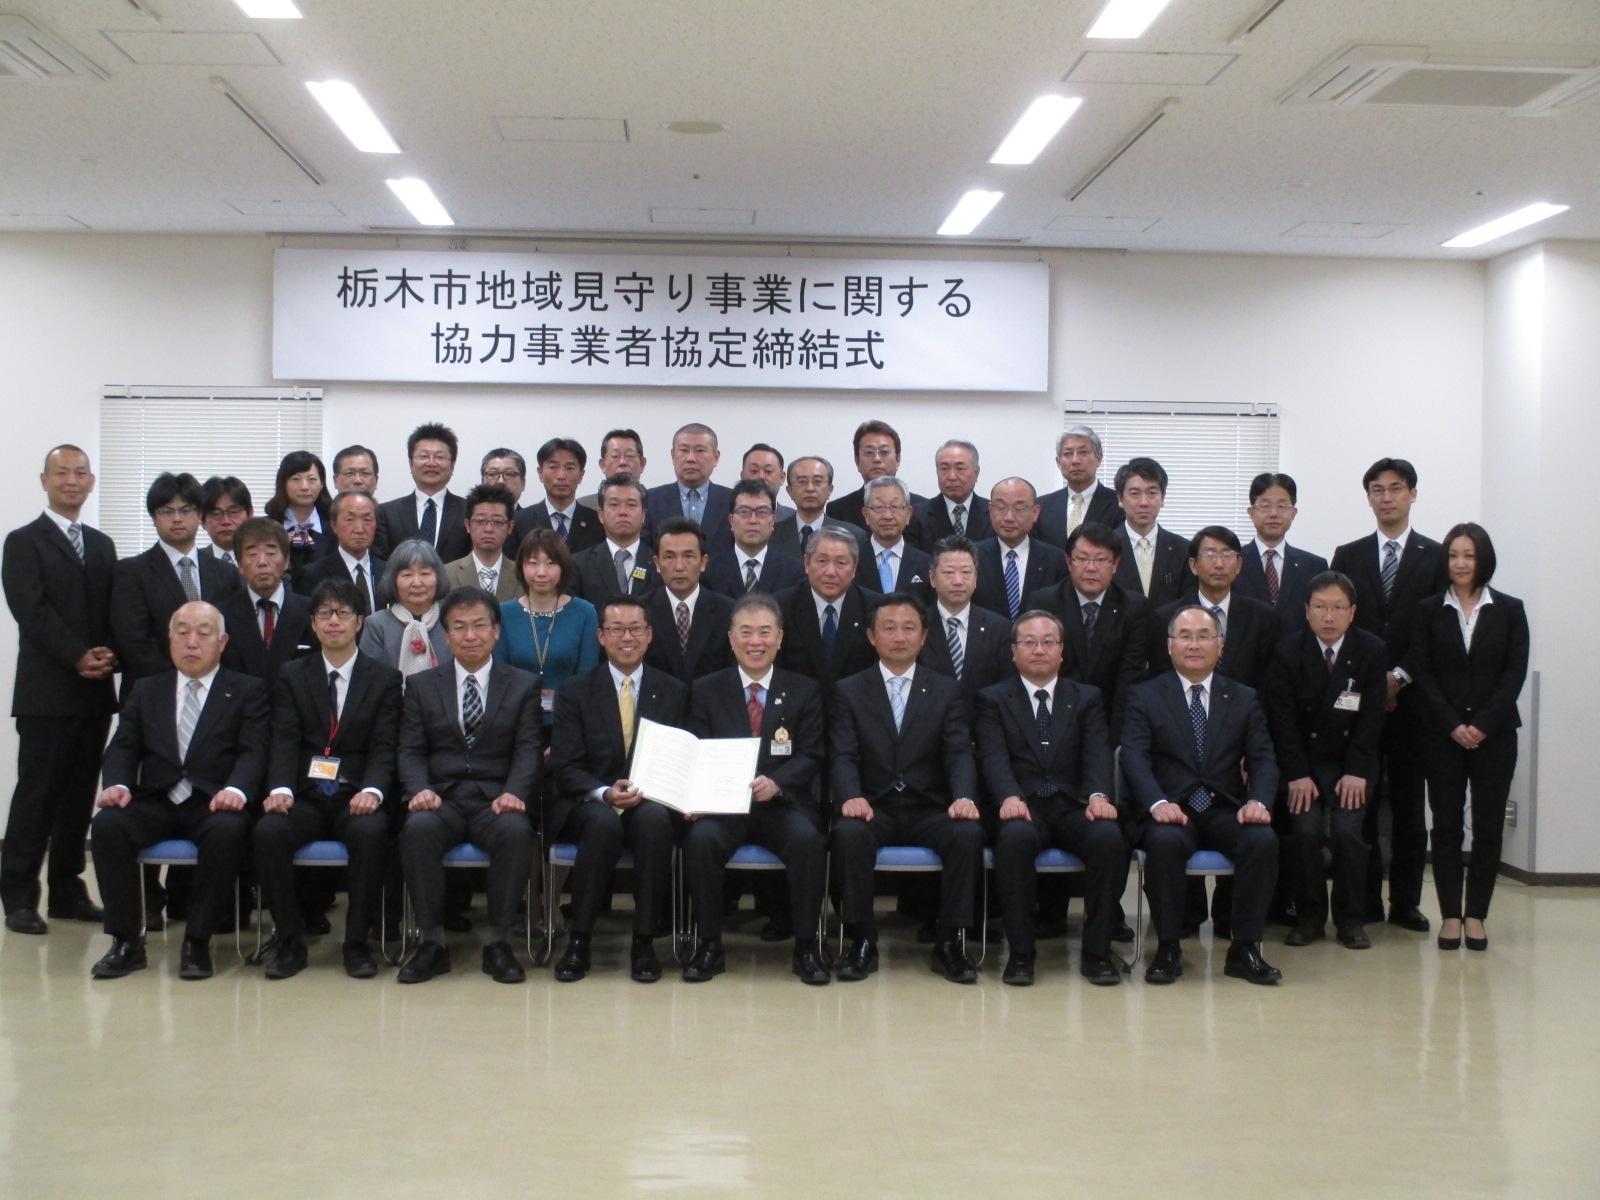 「栃木市地域見守り事業に関する協力事業者協定」には53団体が調印